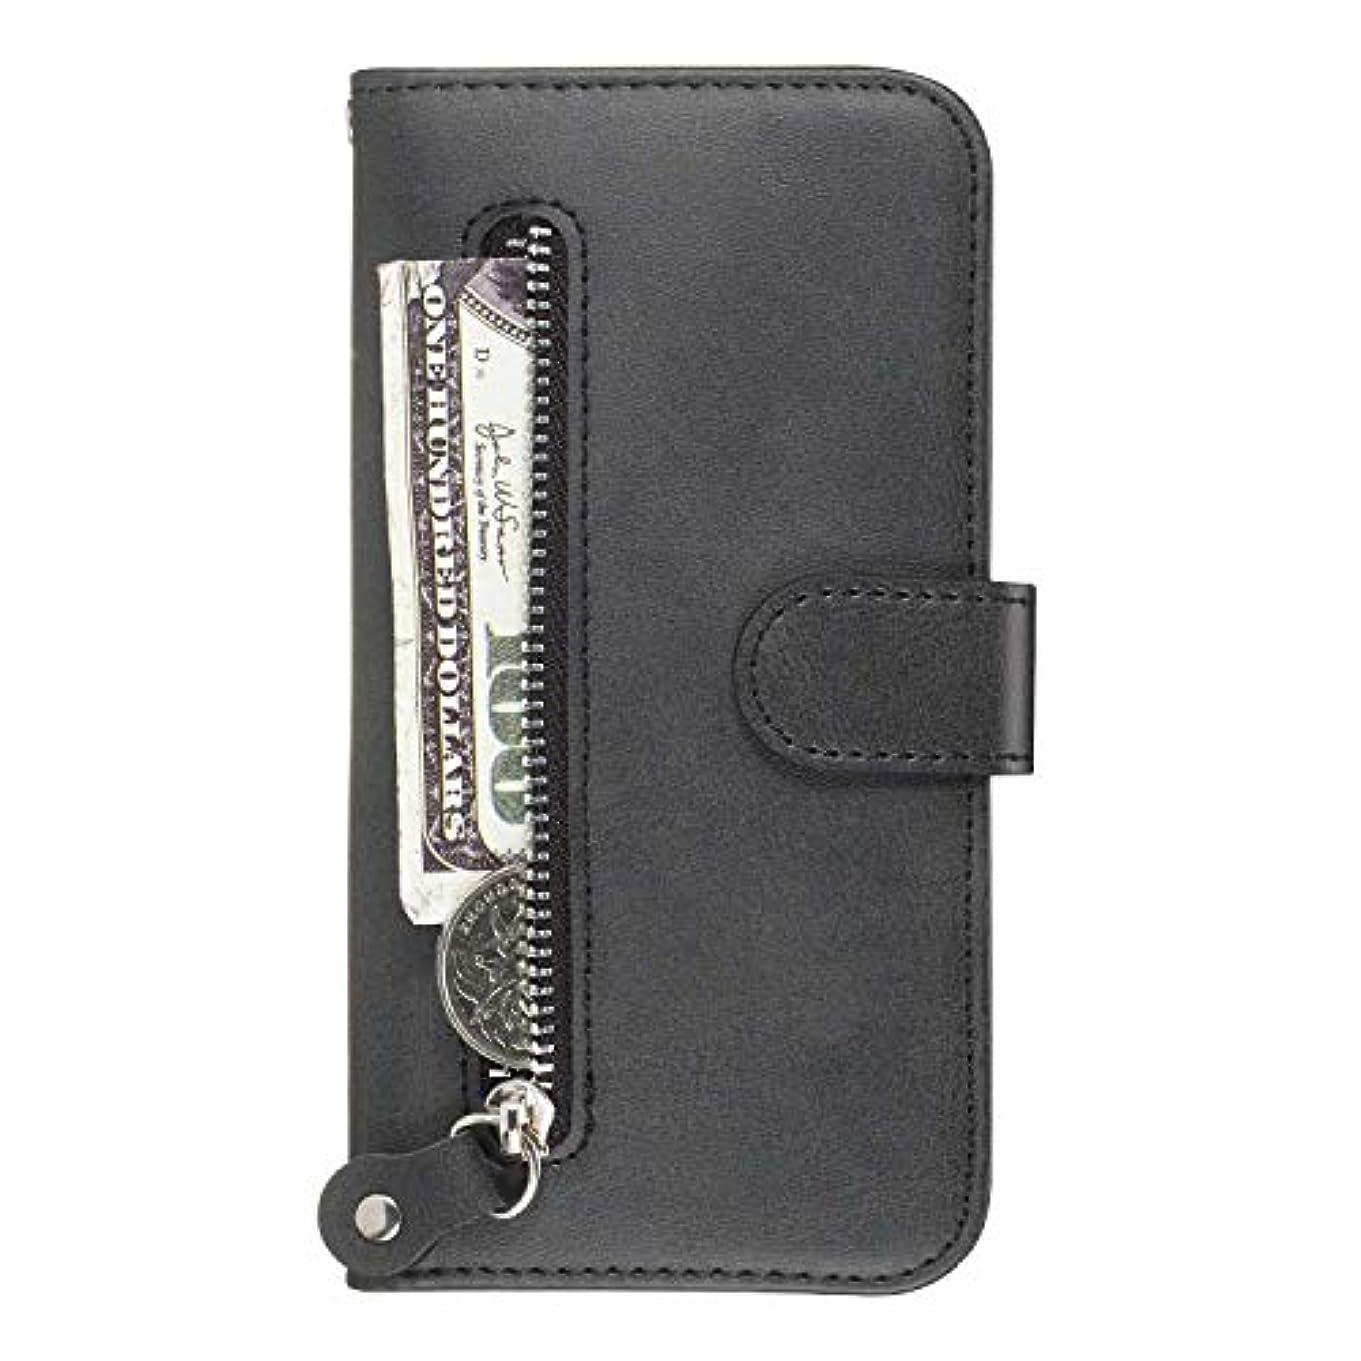 ガム思いやり健康的OMATENTI iPhone X/iPhone XS ケース, 軽量 PUレザー 薄型 簡約風 人気カバー バックケース iPhone X/iPhone XS 用 Case Cover, 液晶保護 カード収納, 財布と...